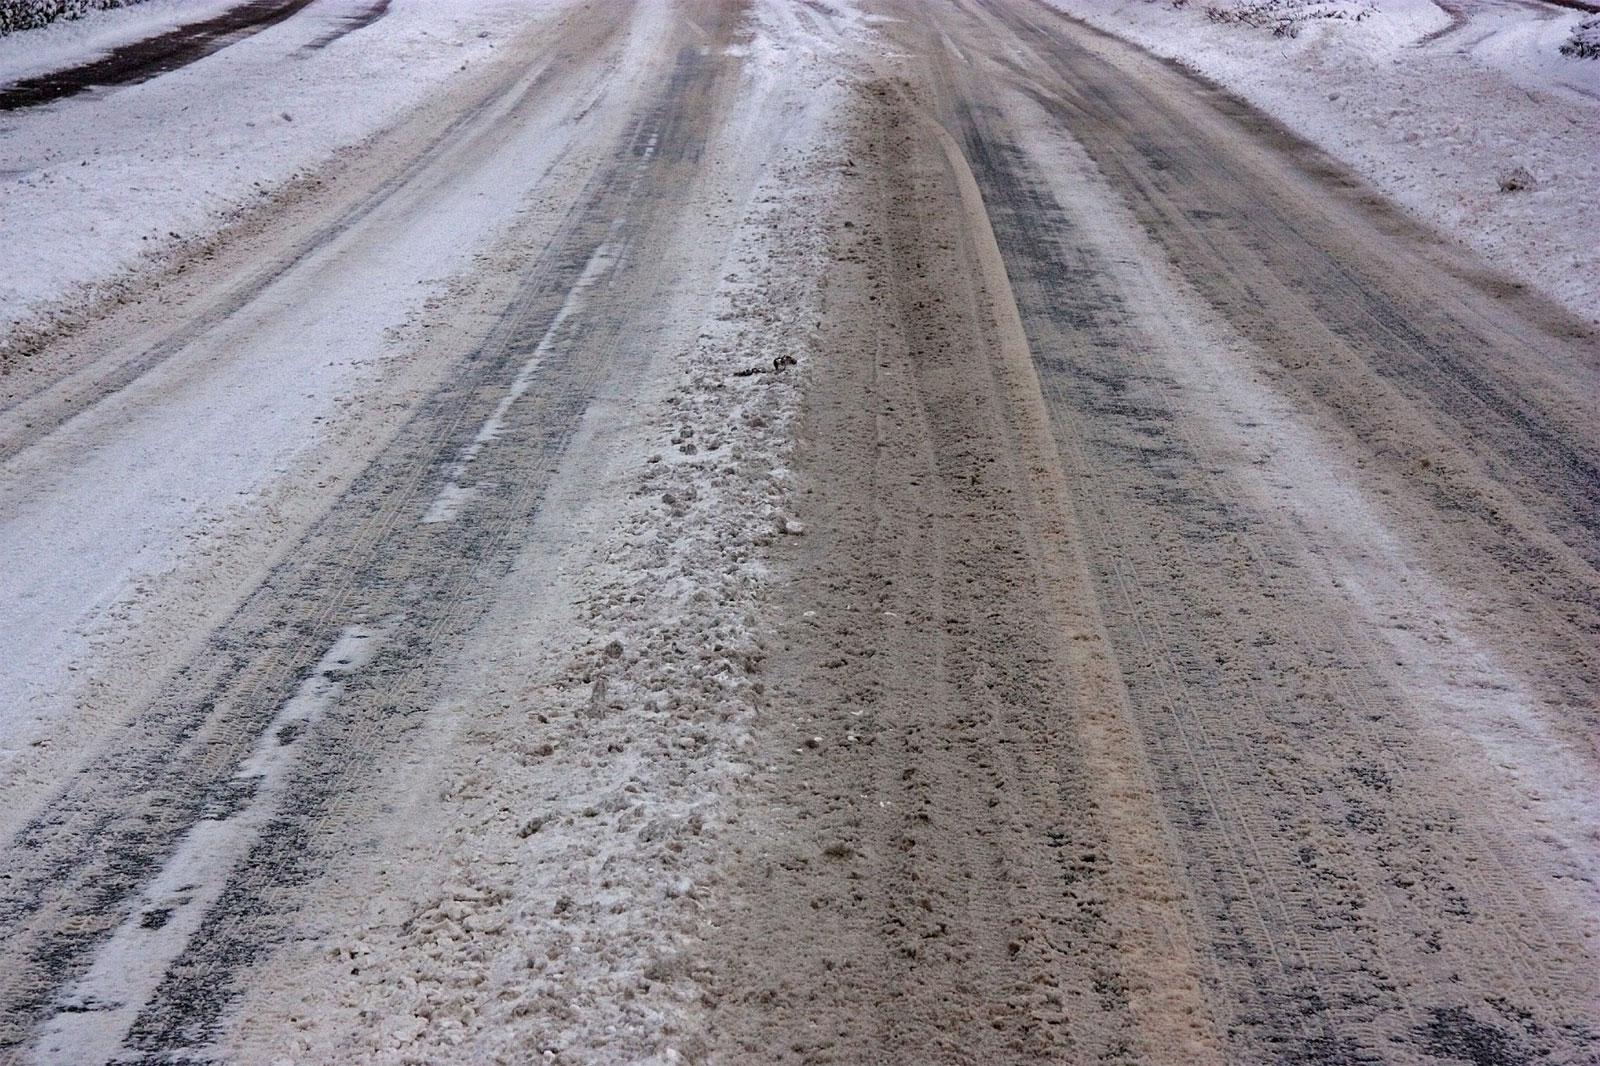 Météo et circulation : la neige a fait son effet ce matin au Luxembourg